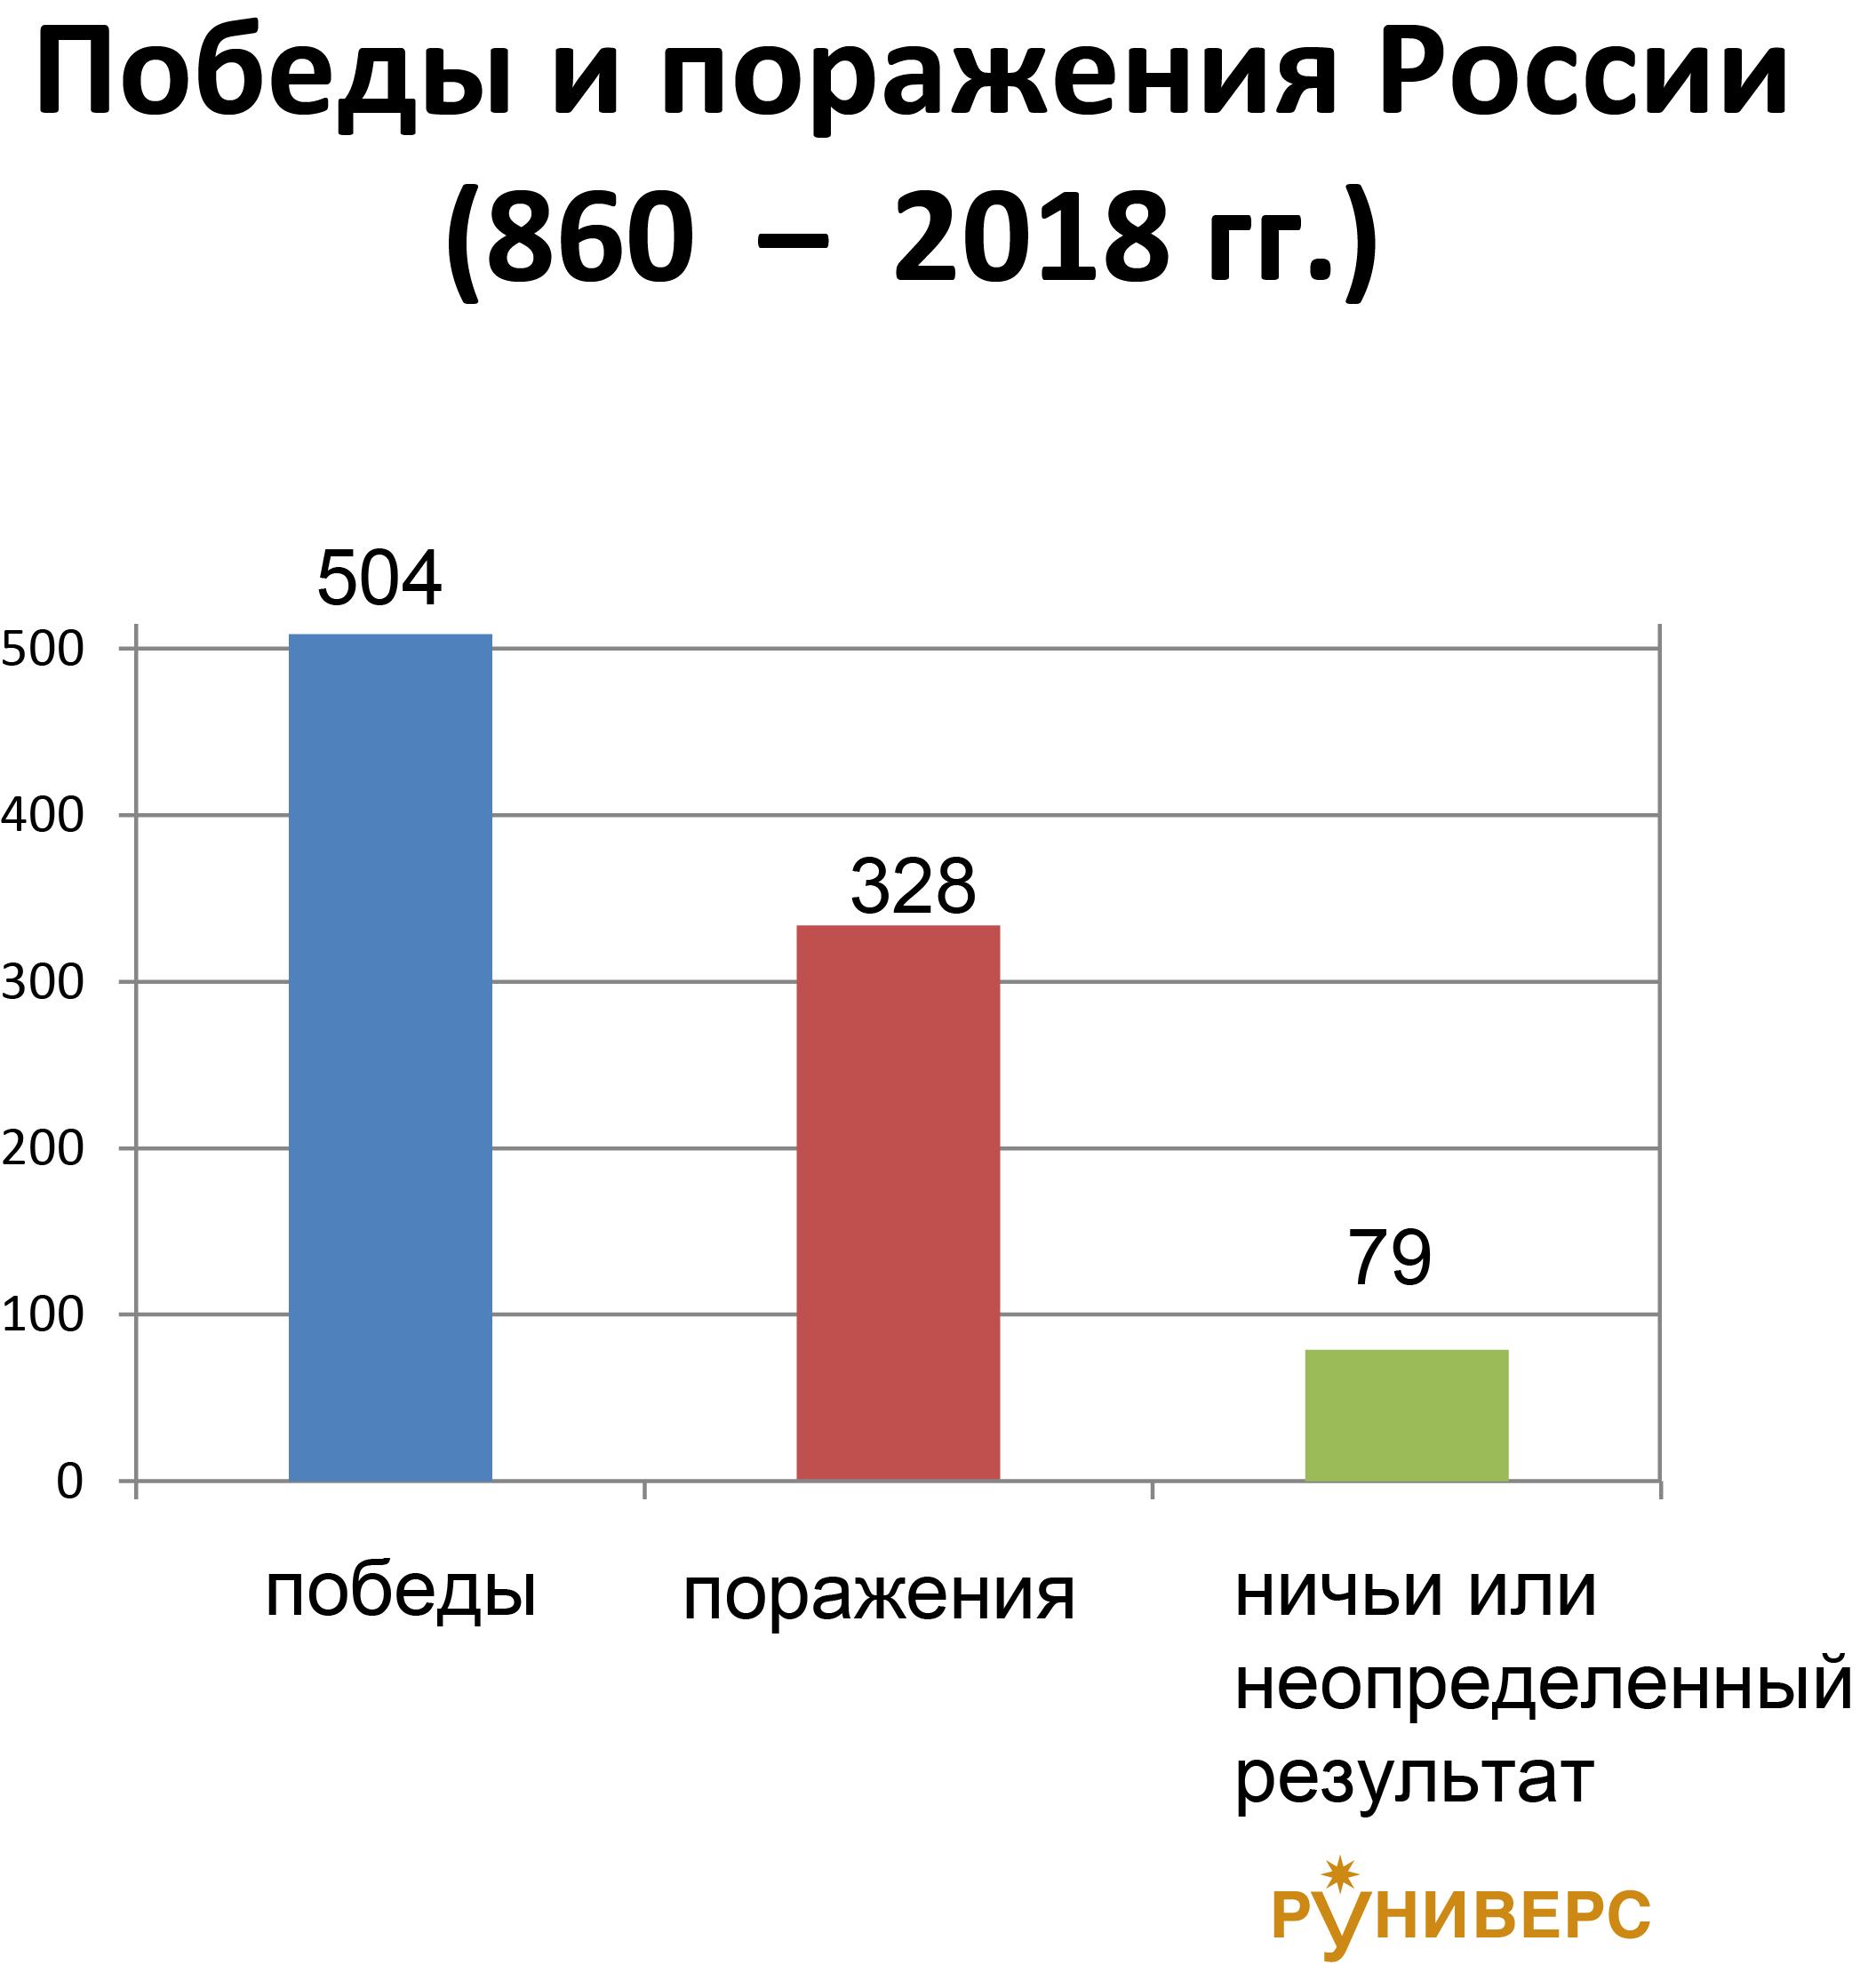 Военные конфликты, кампании и боевые действия русских войск 860 - 2018 гг